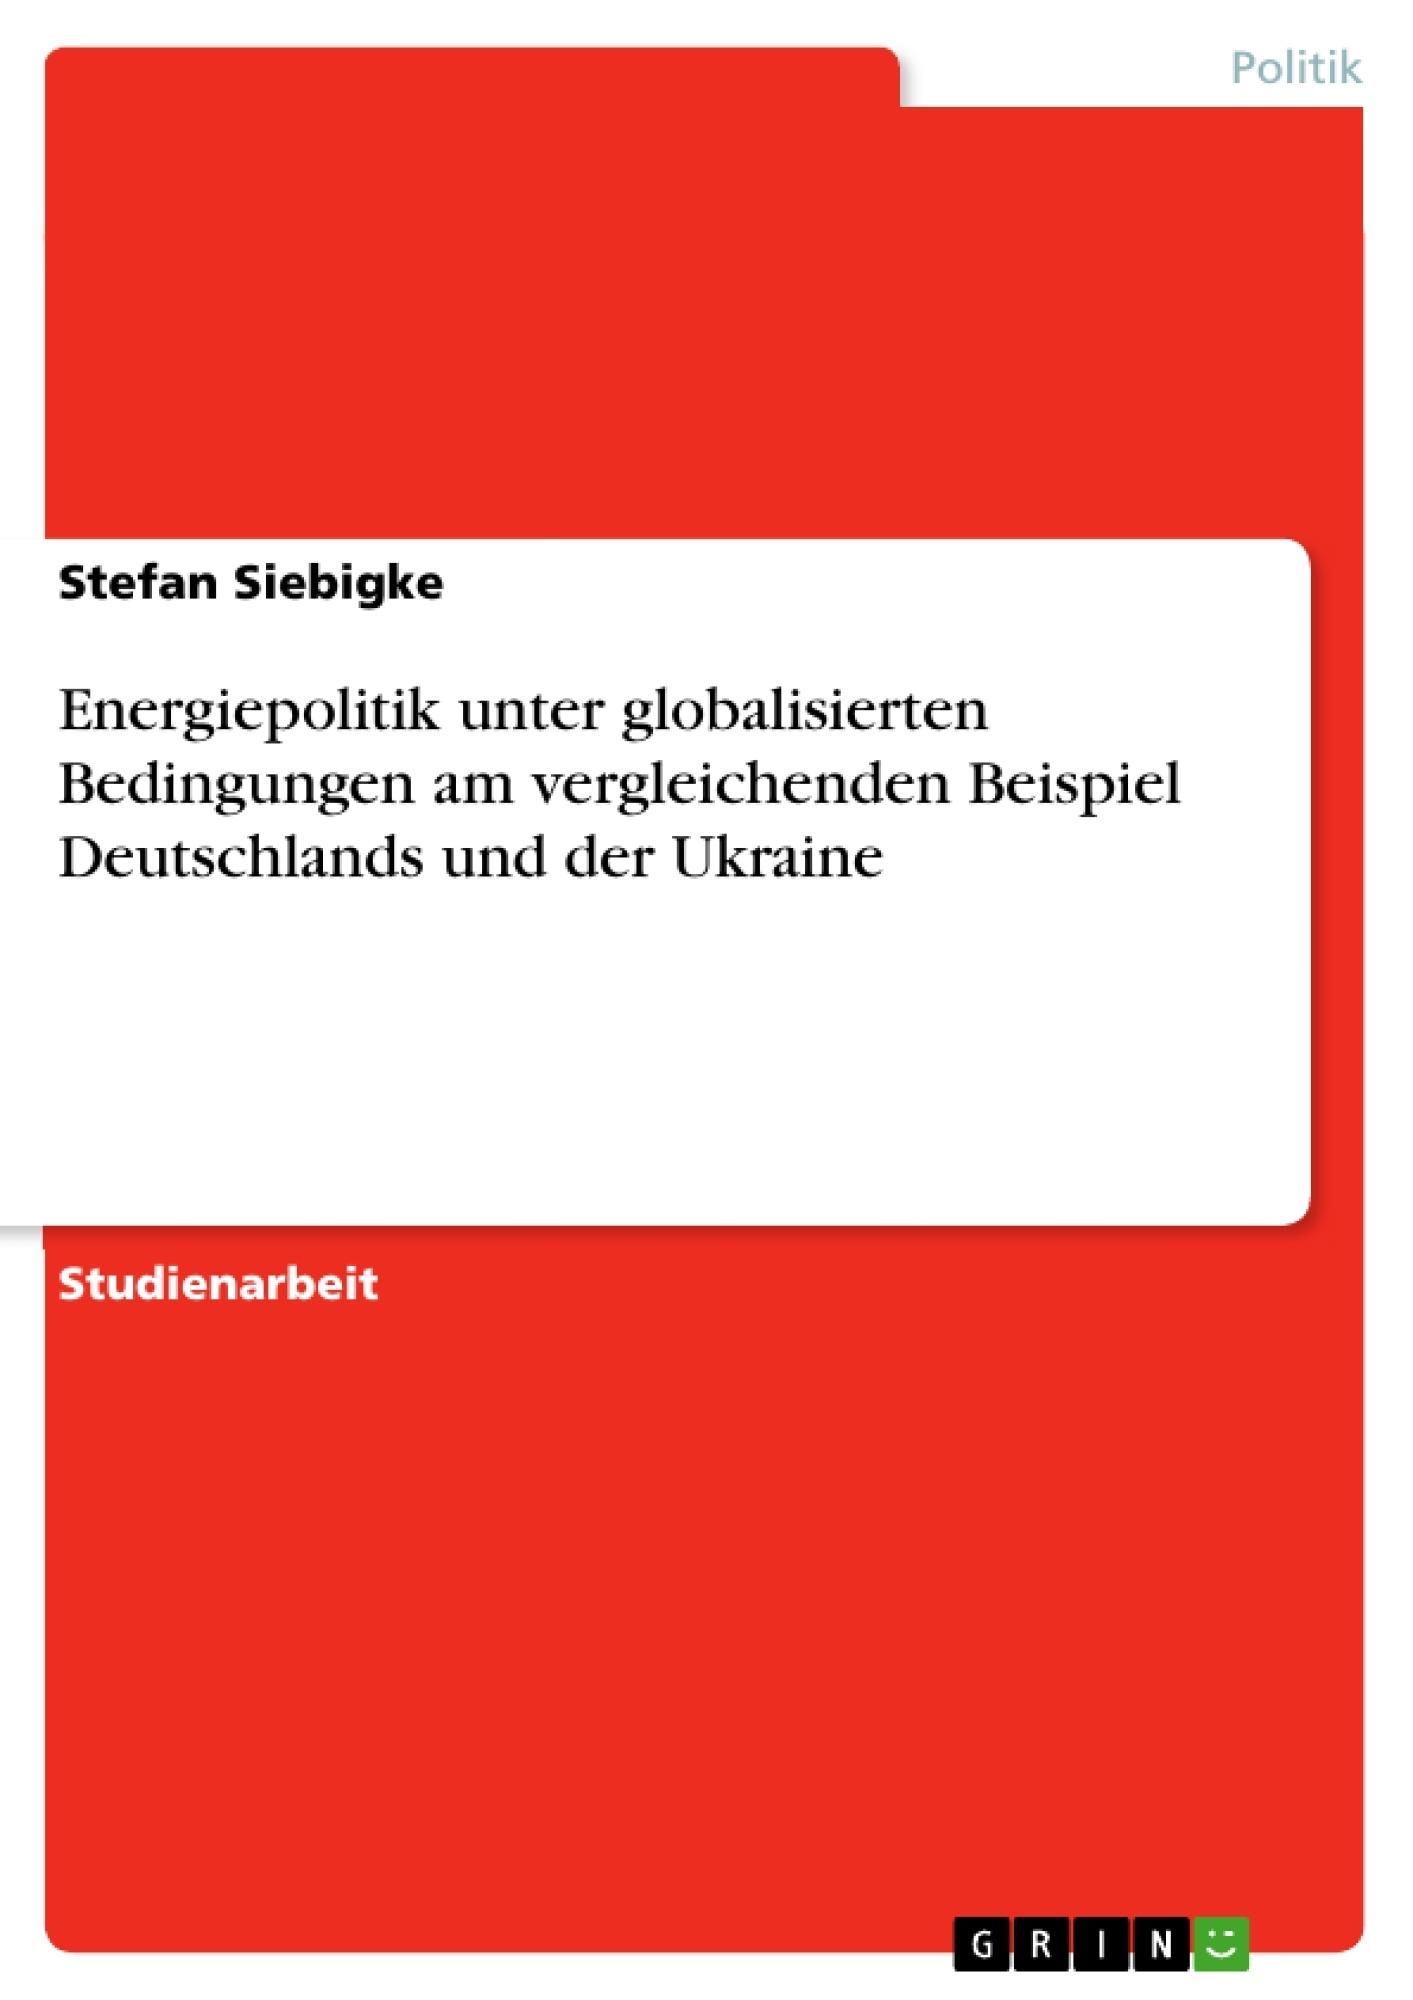 Titel: Energiepolitik unter globalisierten Bedingungen am vergleichenden Beispiel Deutschlands und der Ukraine